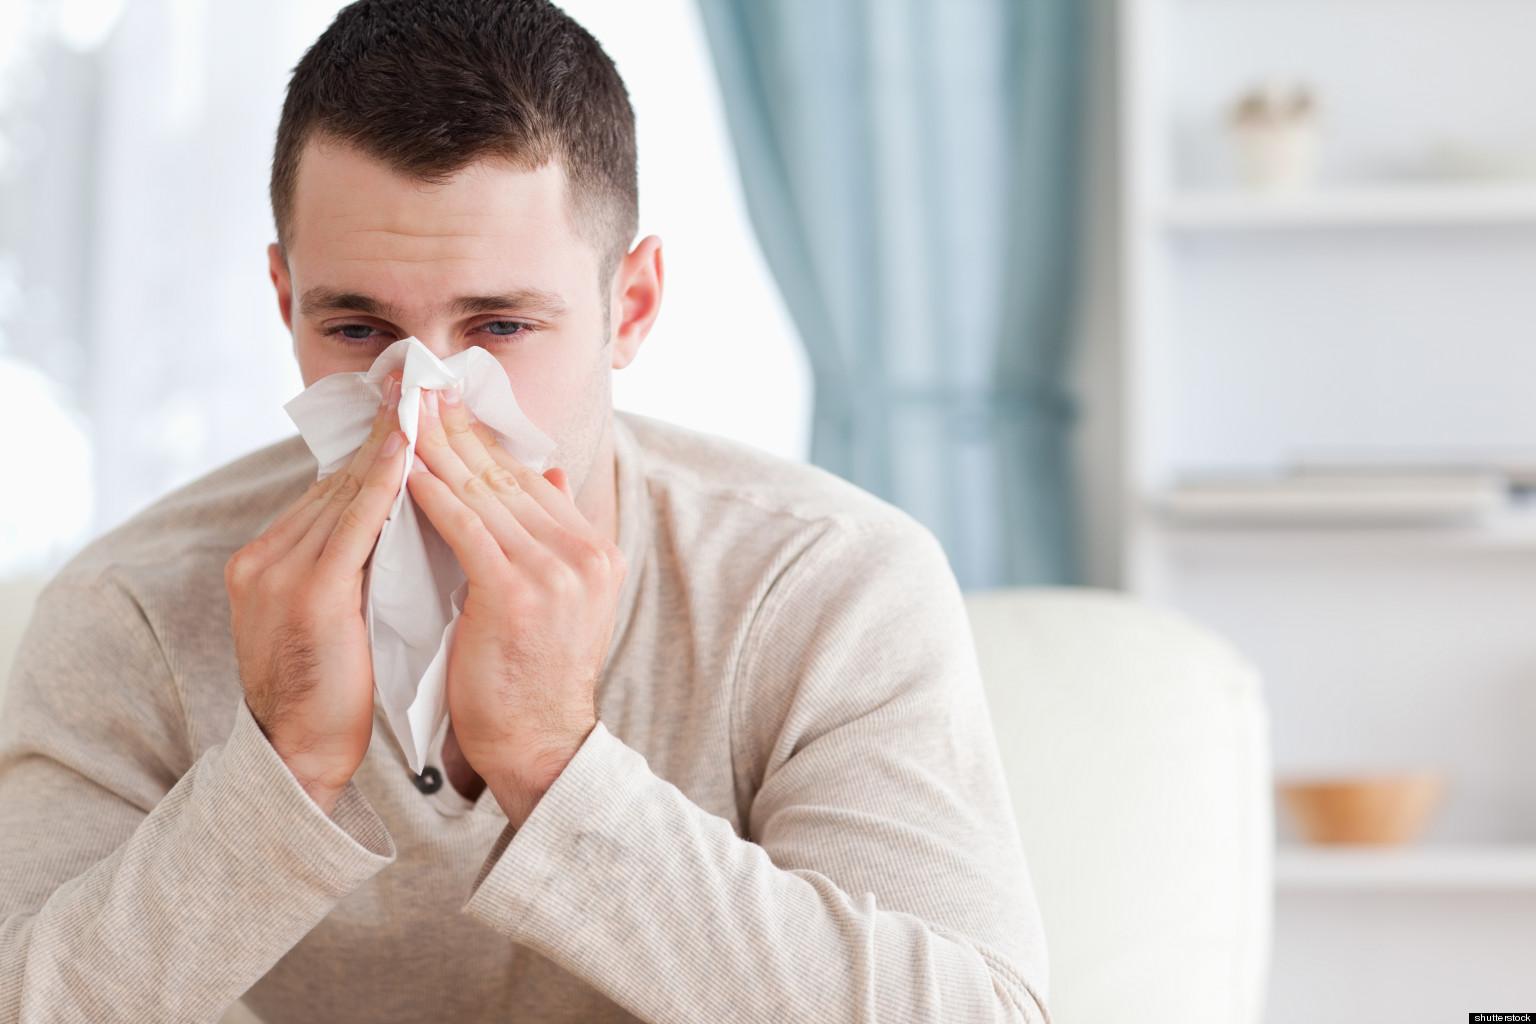 مجموعه علاجات الايورفيدا لمحاربة البرد أو الانفلونزا